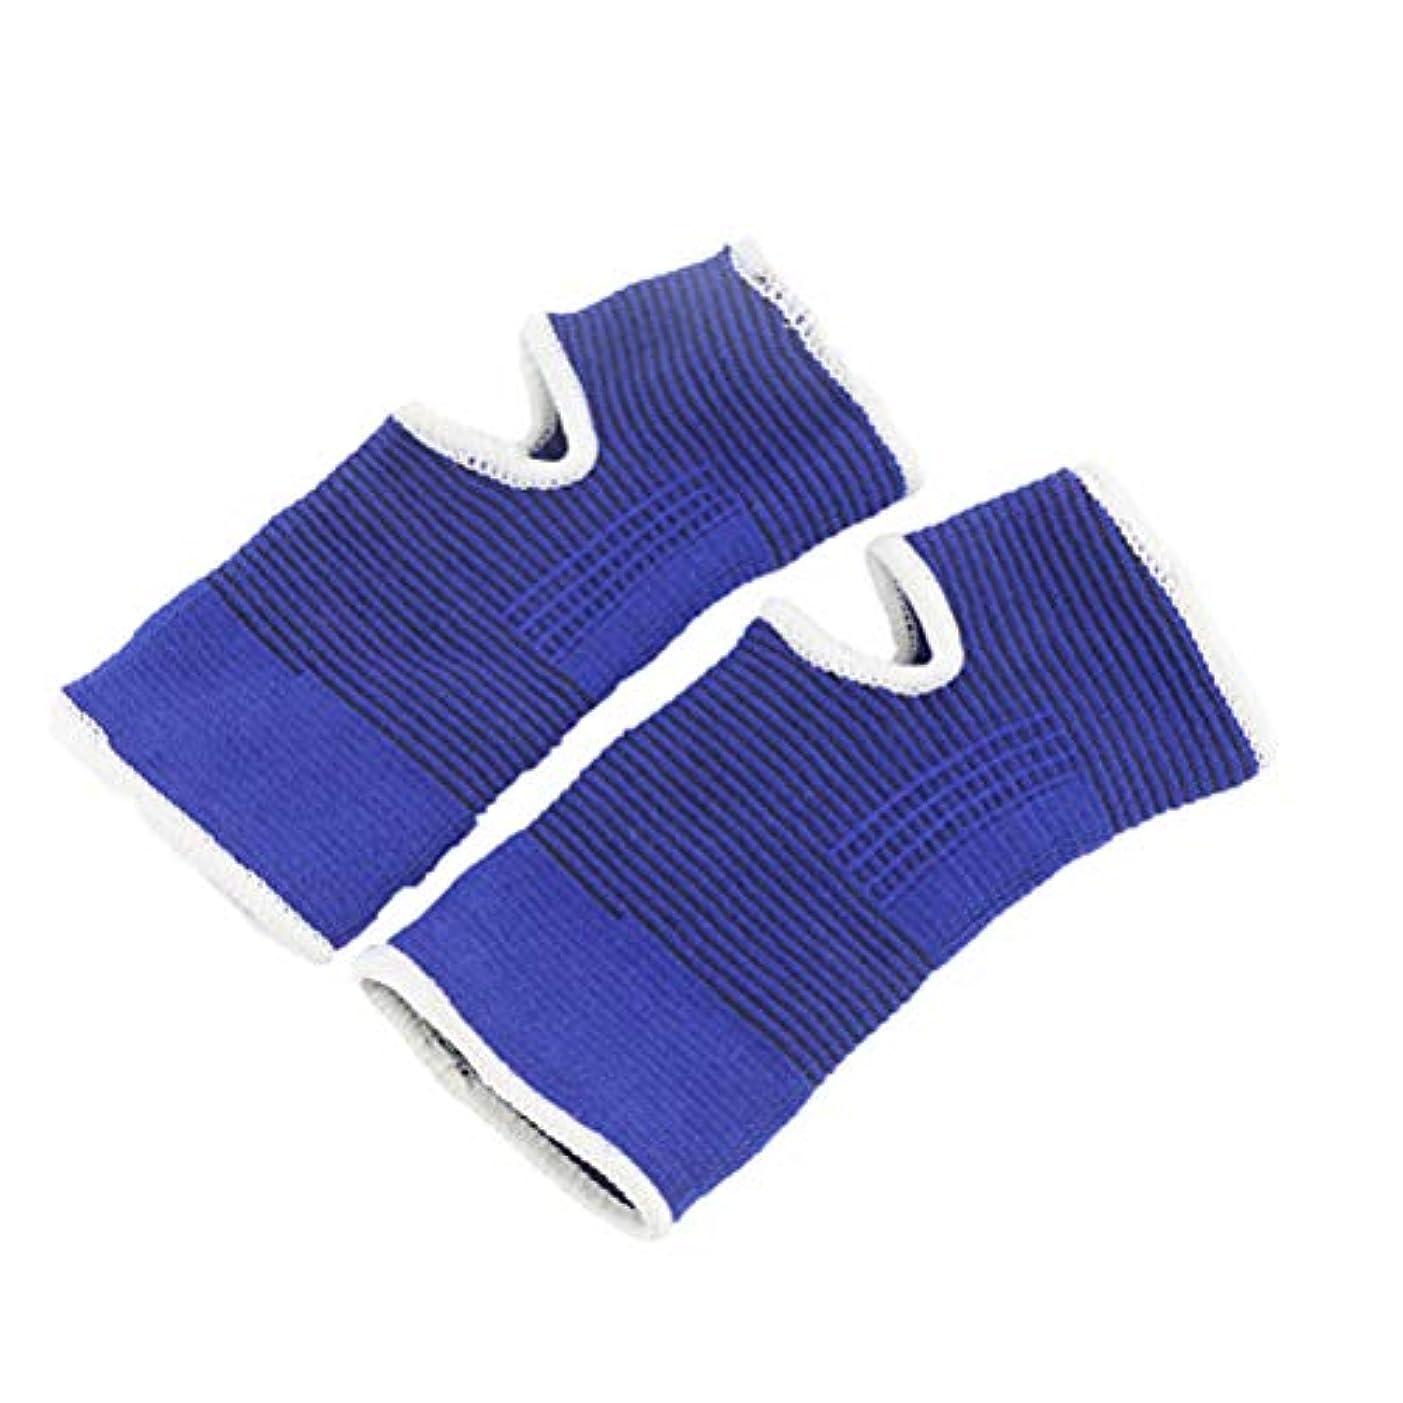 パイプ王位キノコHealifty足首サポートラップバスケットボールサッカーフィットネス用保護具通気性足首ケア